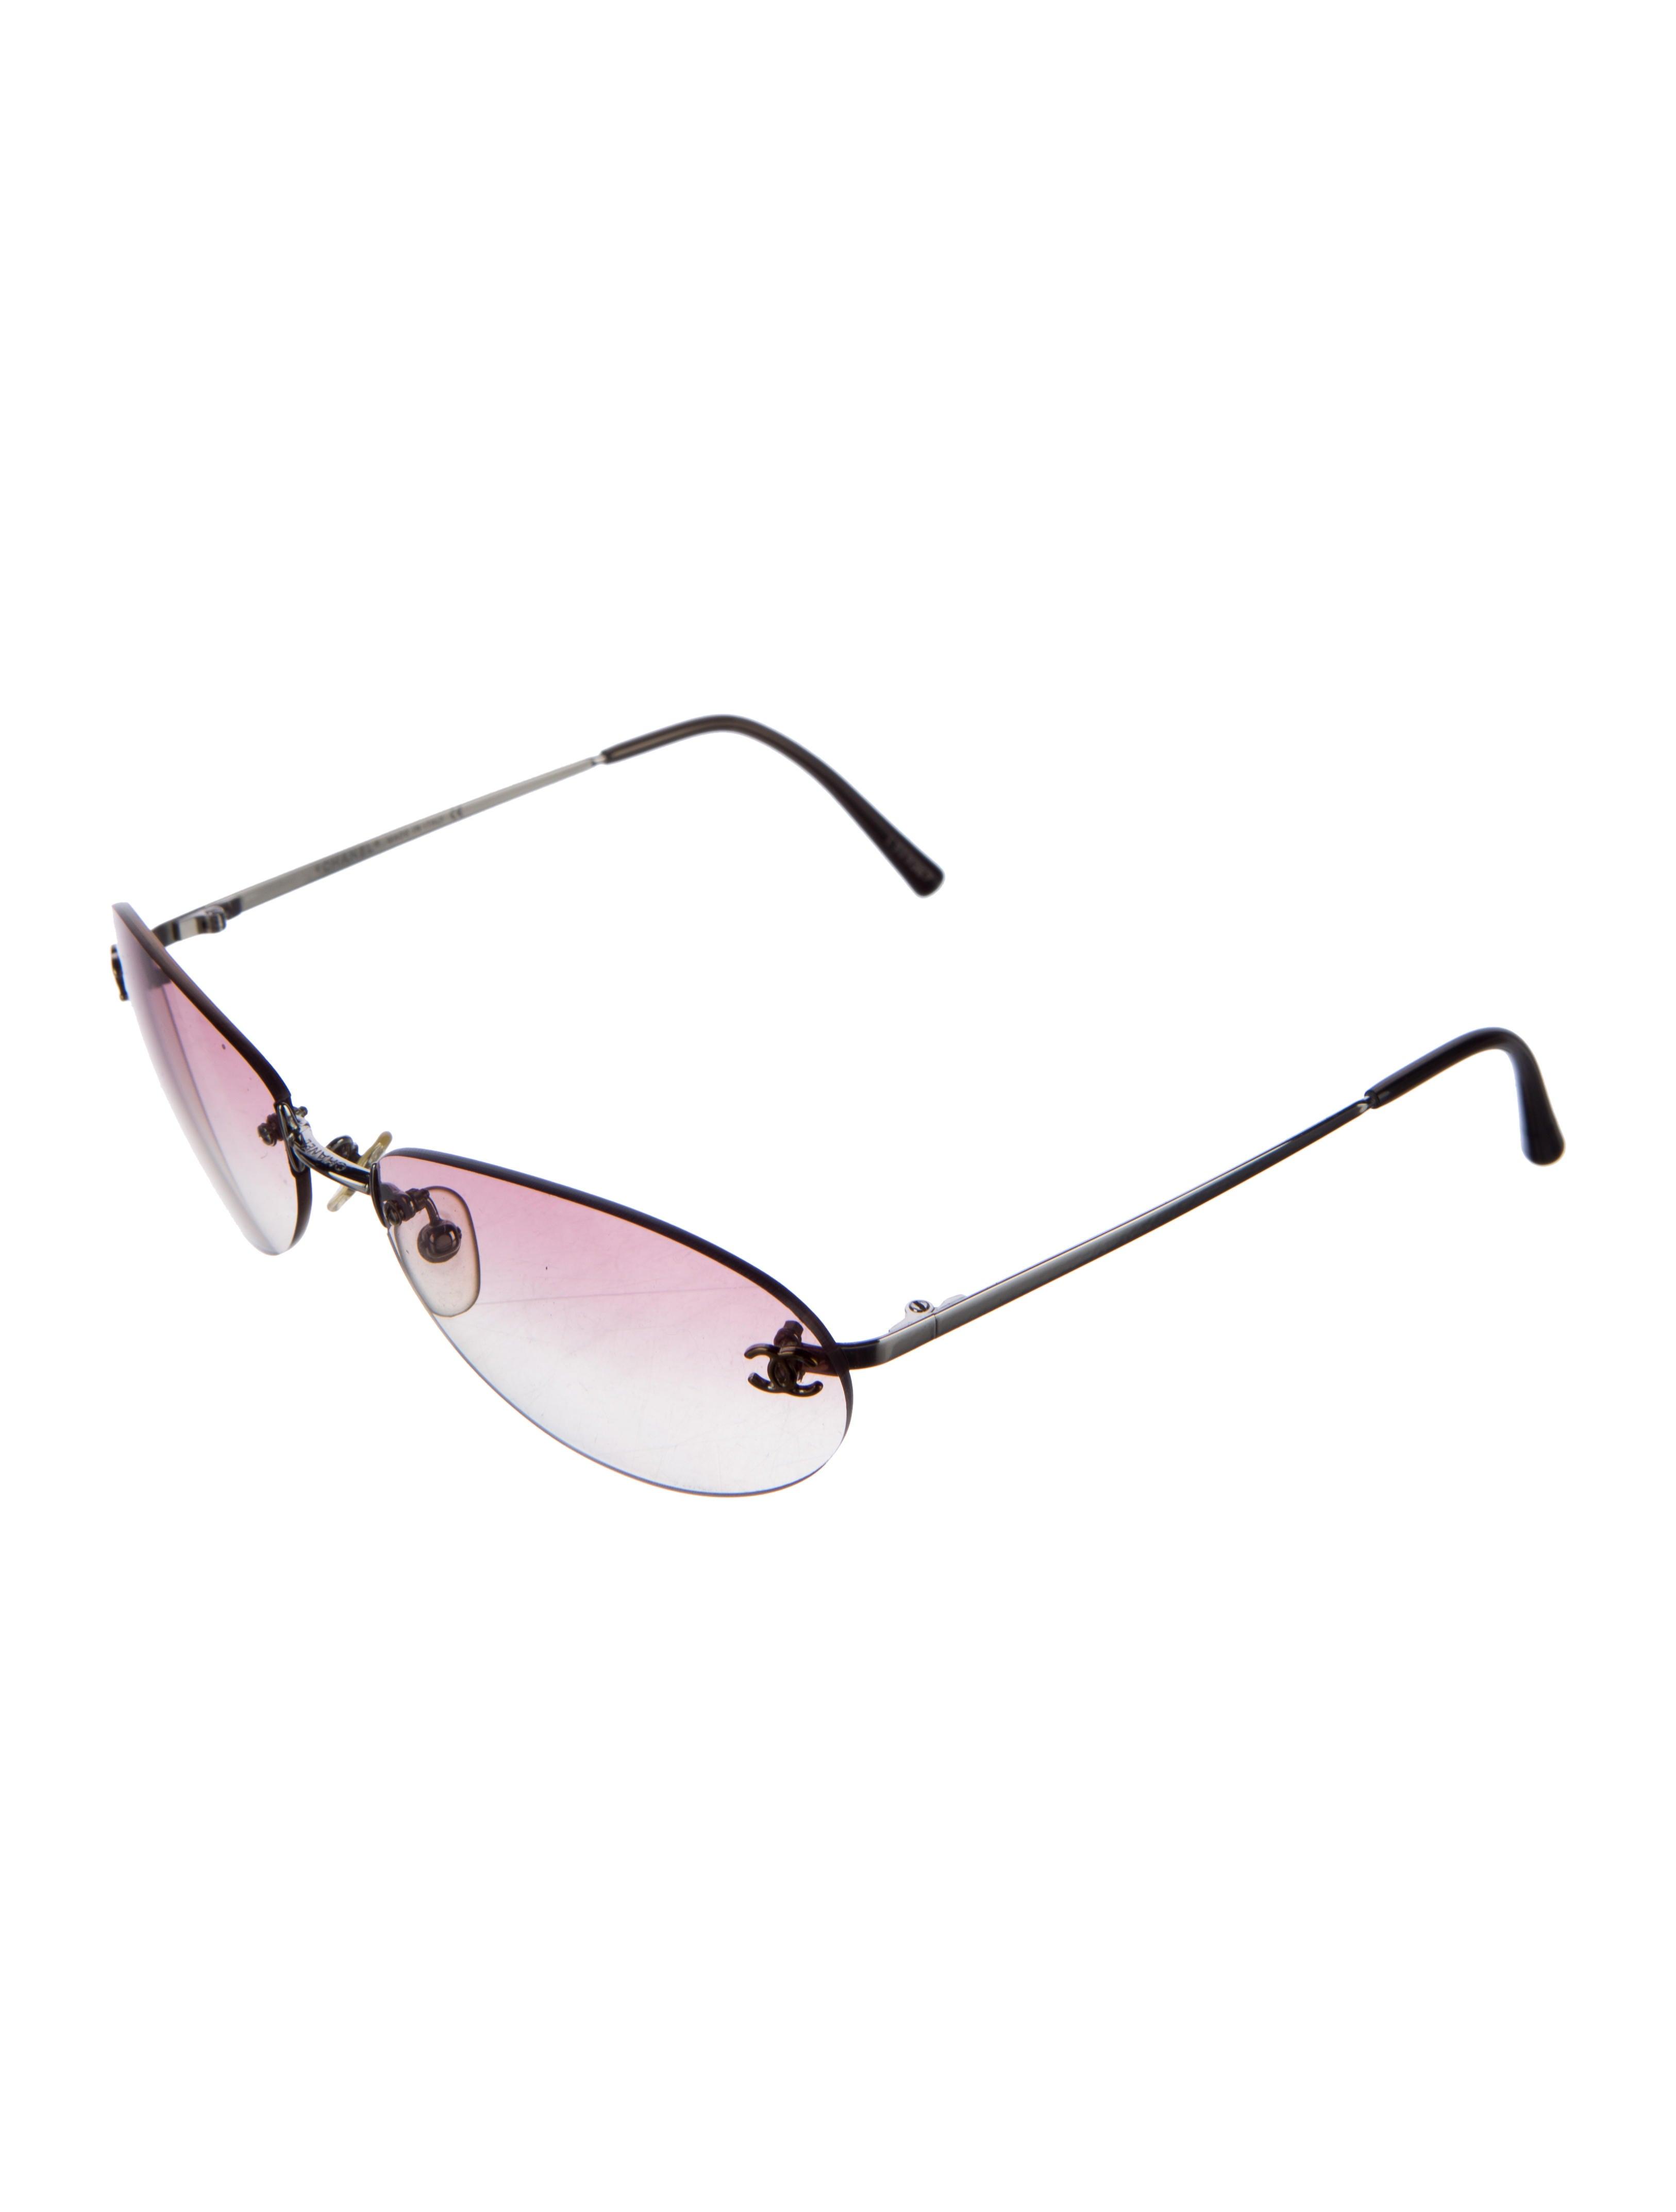 Rimless Chanel Glasses : Chanel Rimless CC Sunglasses - Accessories - CHA161636 ...